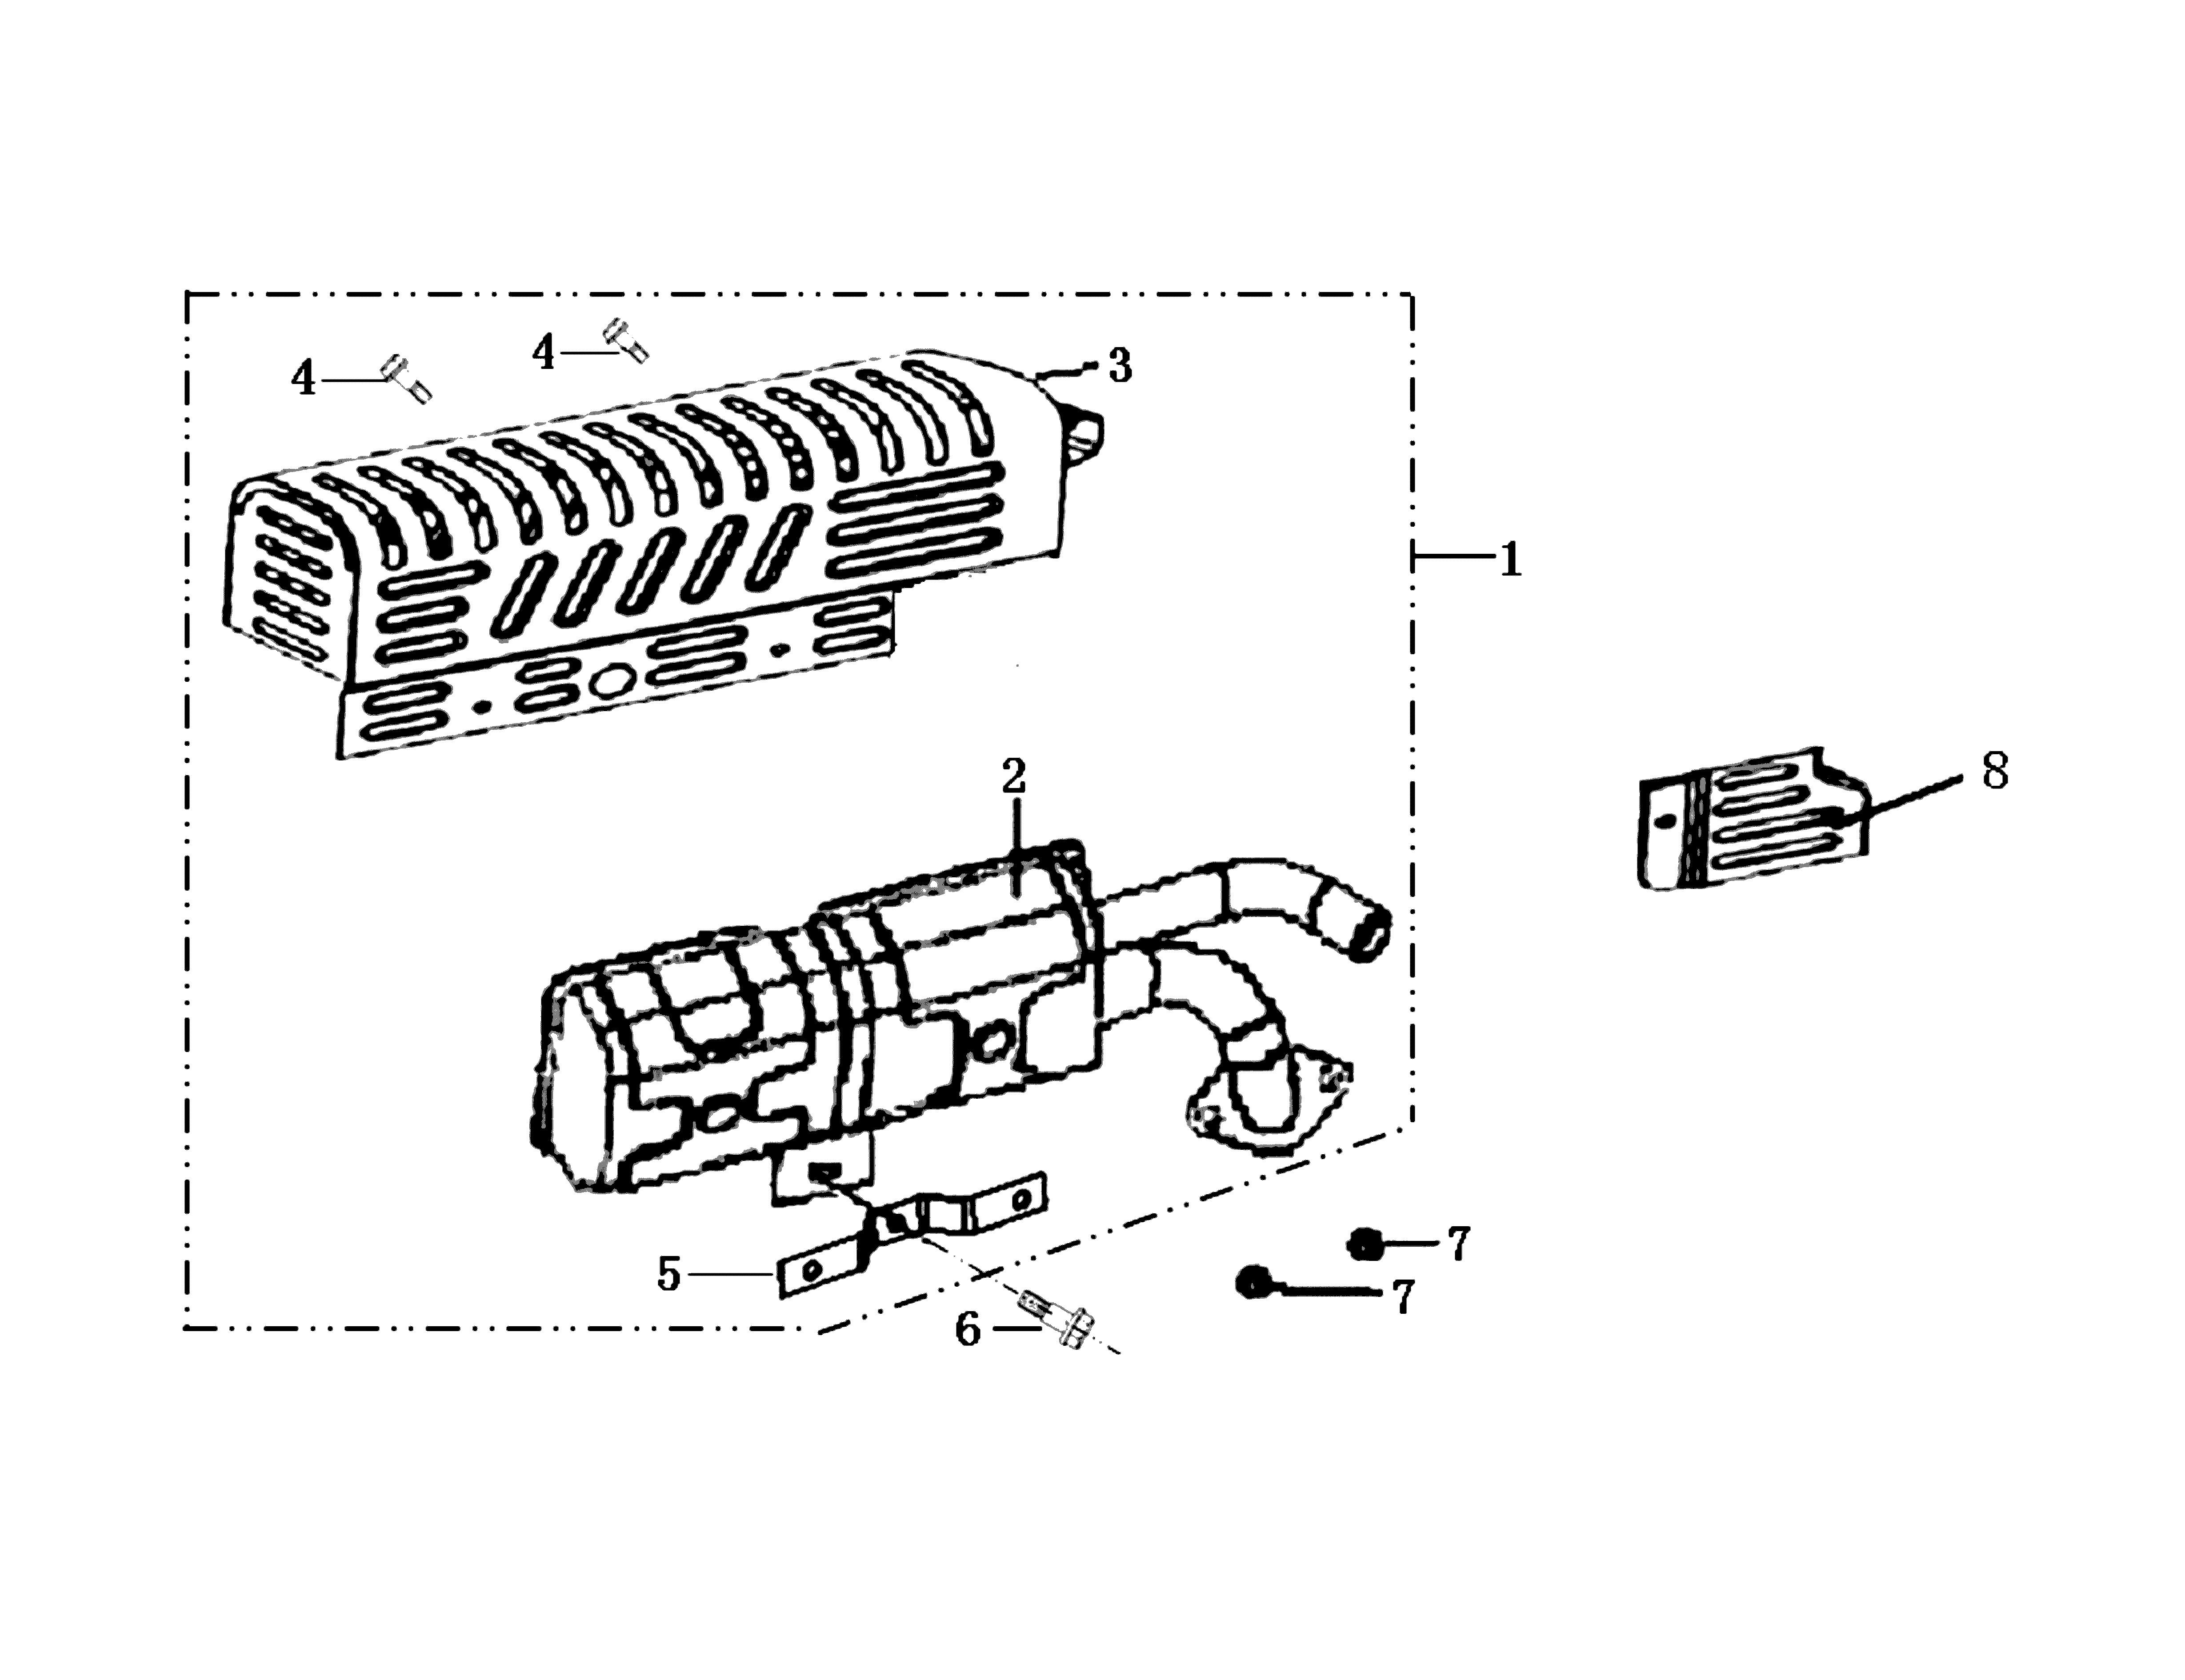 MH 180R - MH 180RK (K700 H) (EN709) Motobineuse oleomac Dessins pièces vue éclatée Pot